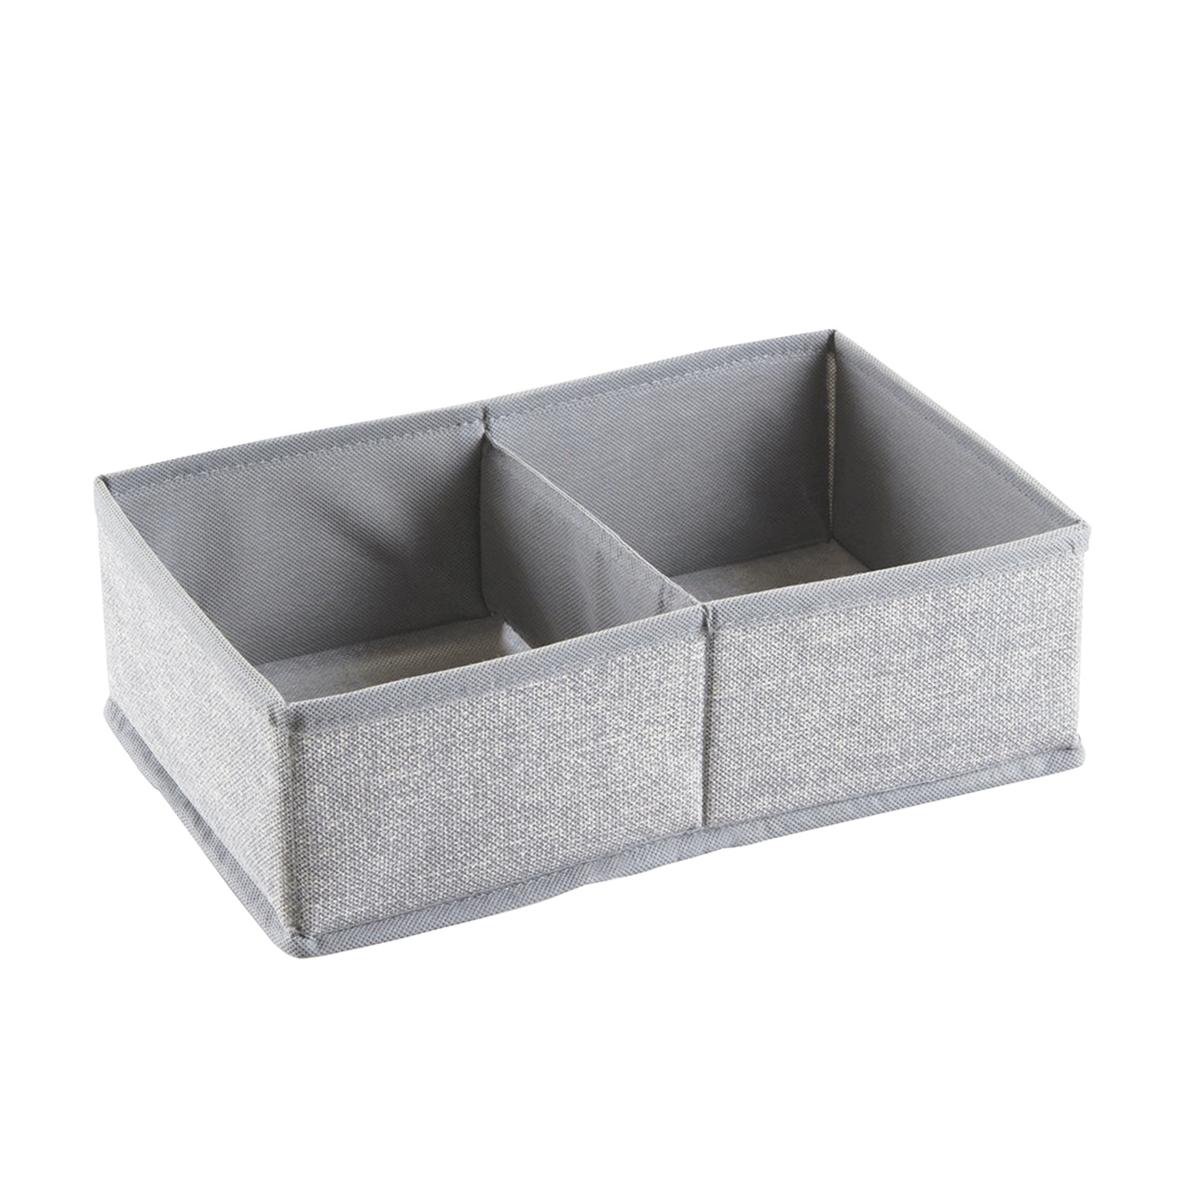 Organisateur de tiroir 2 compartiments for Organisateur de tiroir